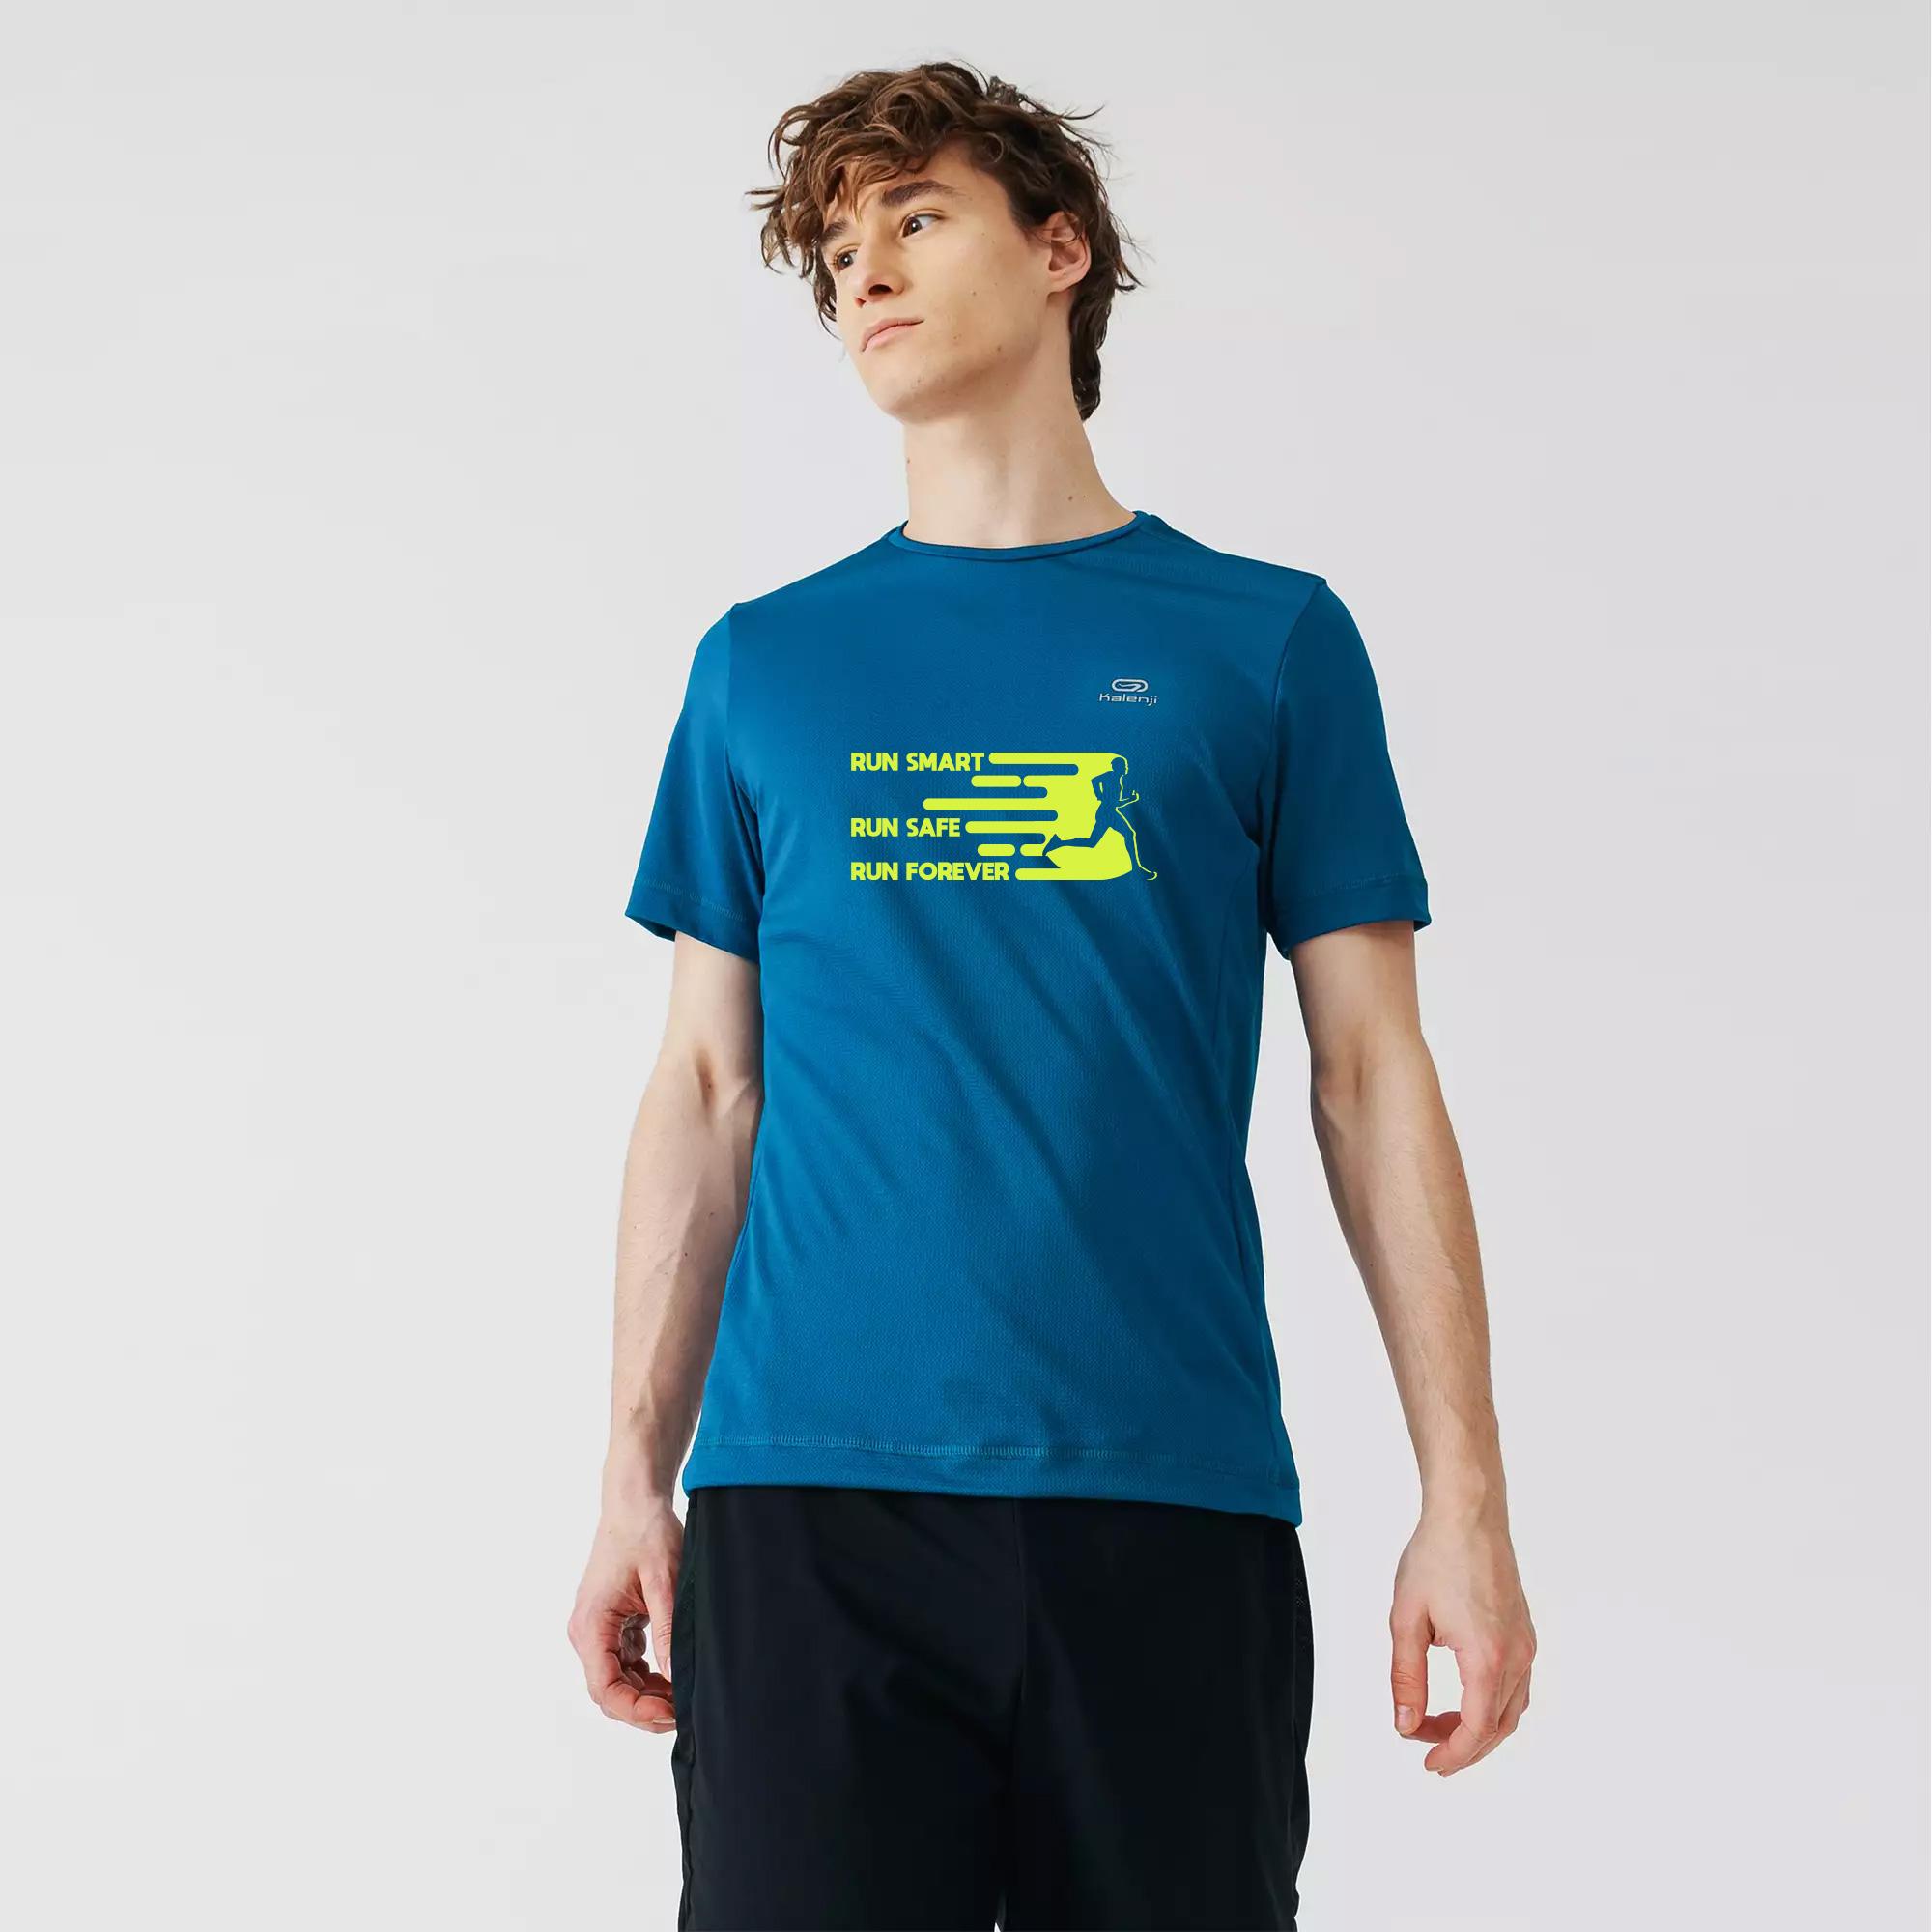 تی شرت کلنجی   – ویژه کلاس های آموزشی